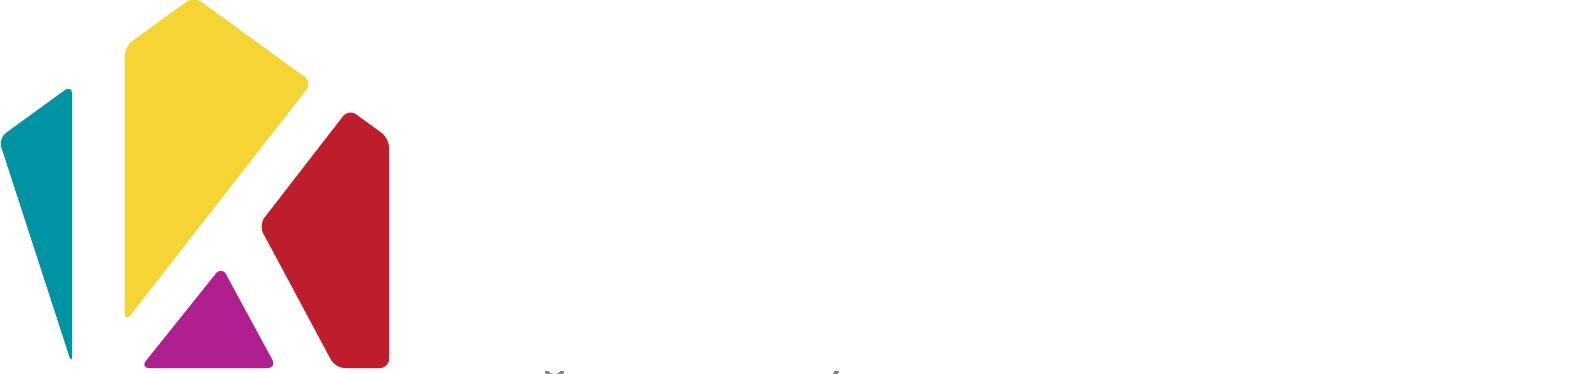 Kashish Furnishing